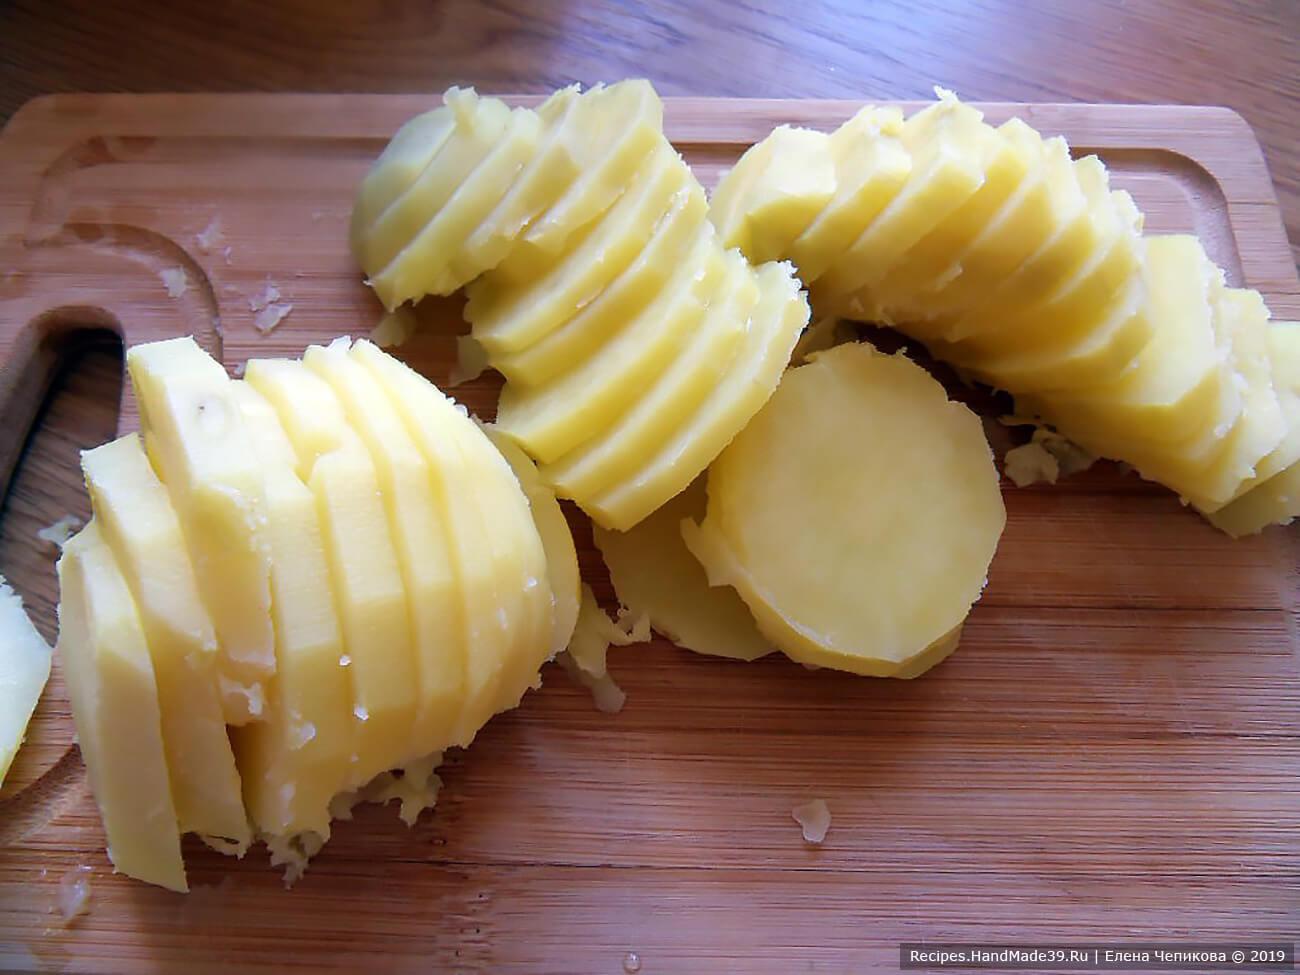 Нарезать подготовленный картофель ломтиками шириной 5 мм